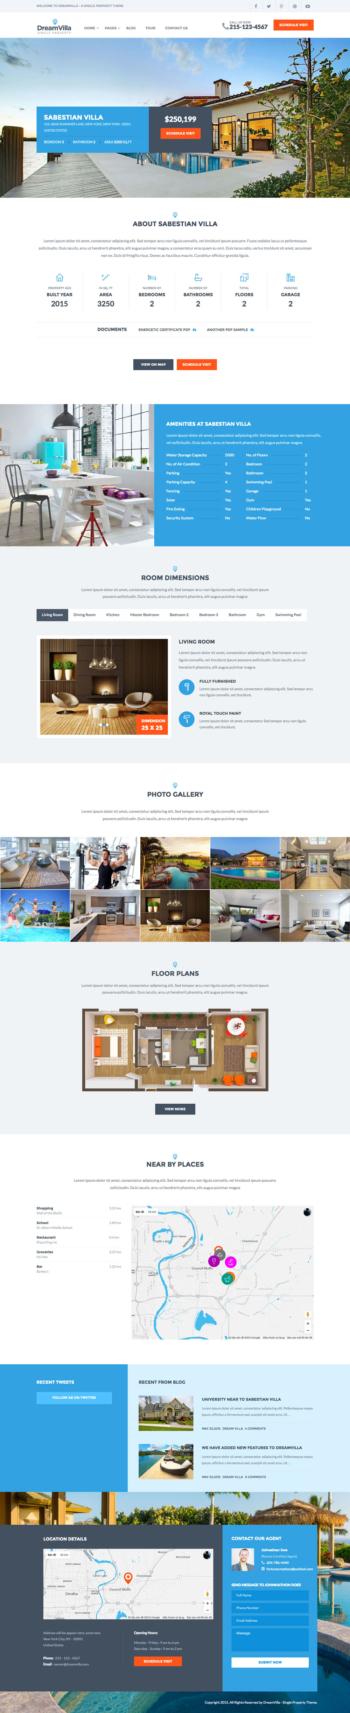 Mẫu web giao dịch bất động sản chuyên nghiệp và hiện đại